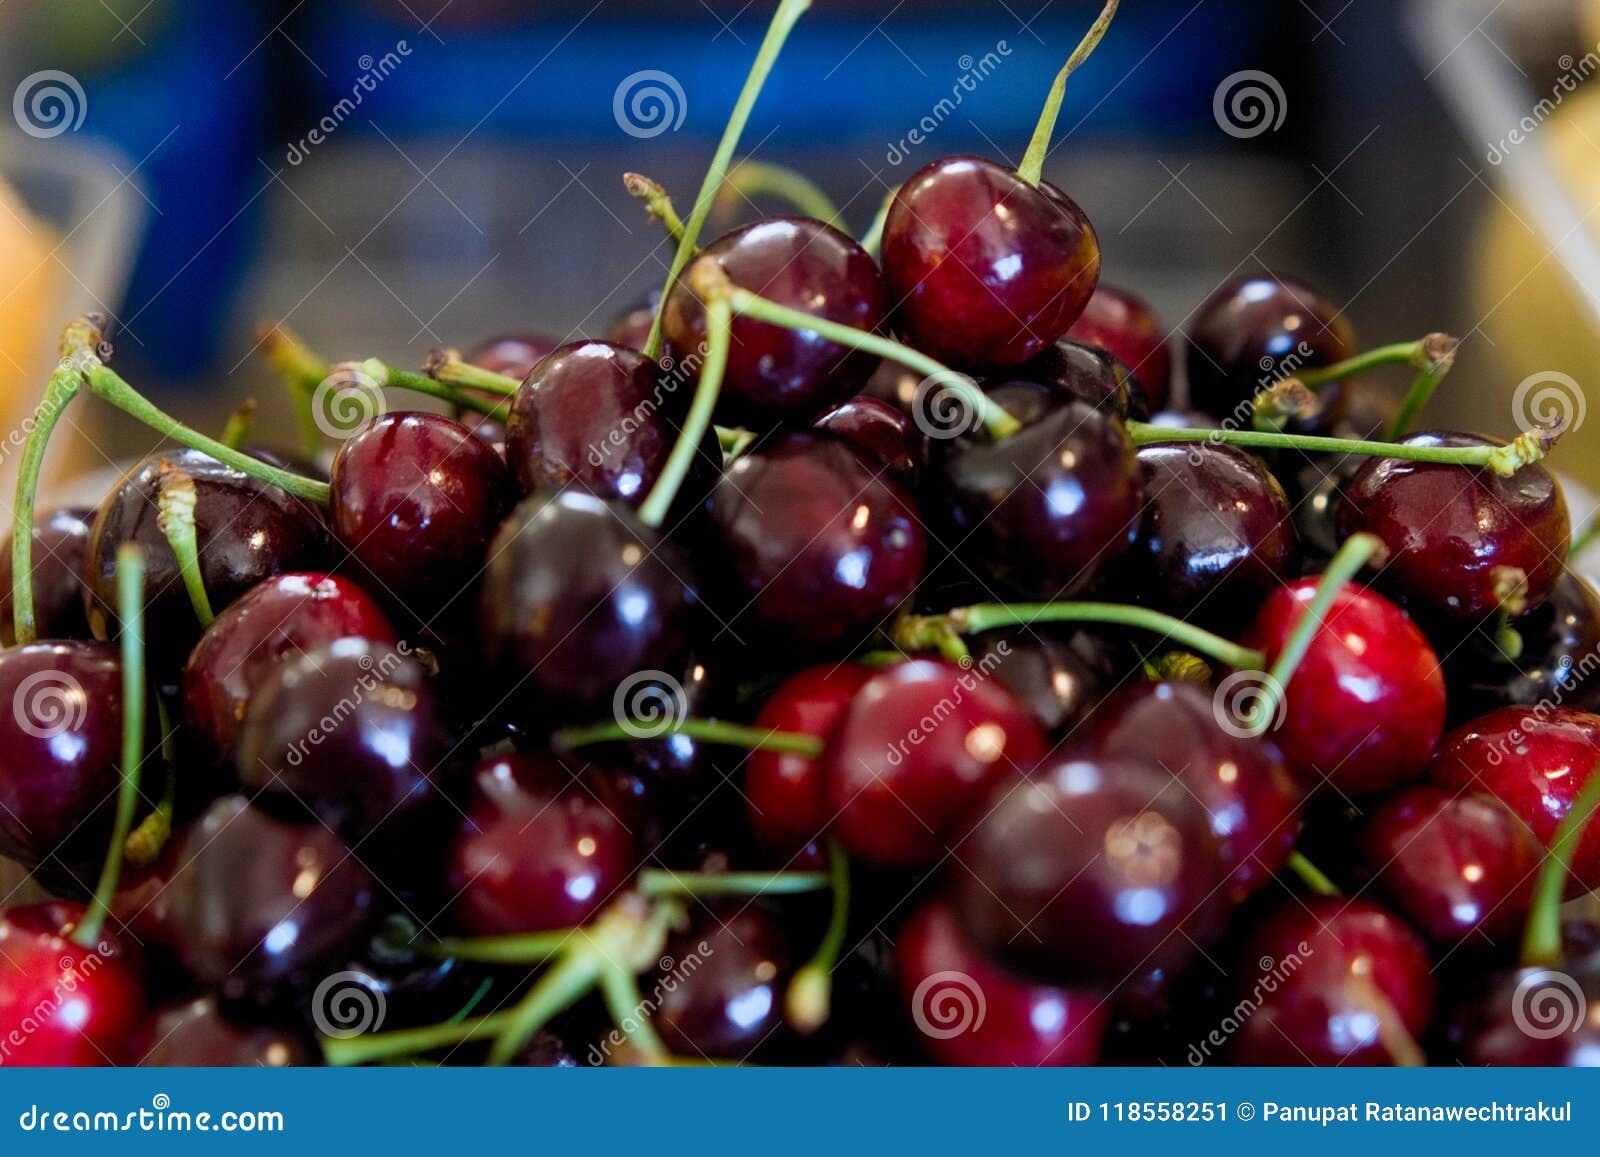 Cereza roja fresca en la caja plástica lista para la venta en la mercado de la fruta